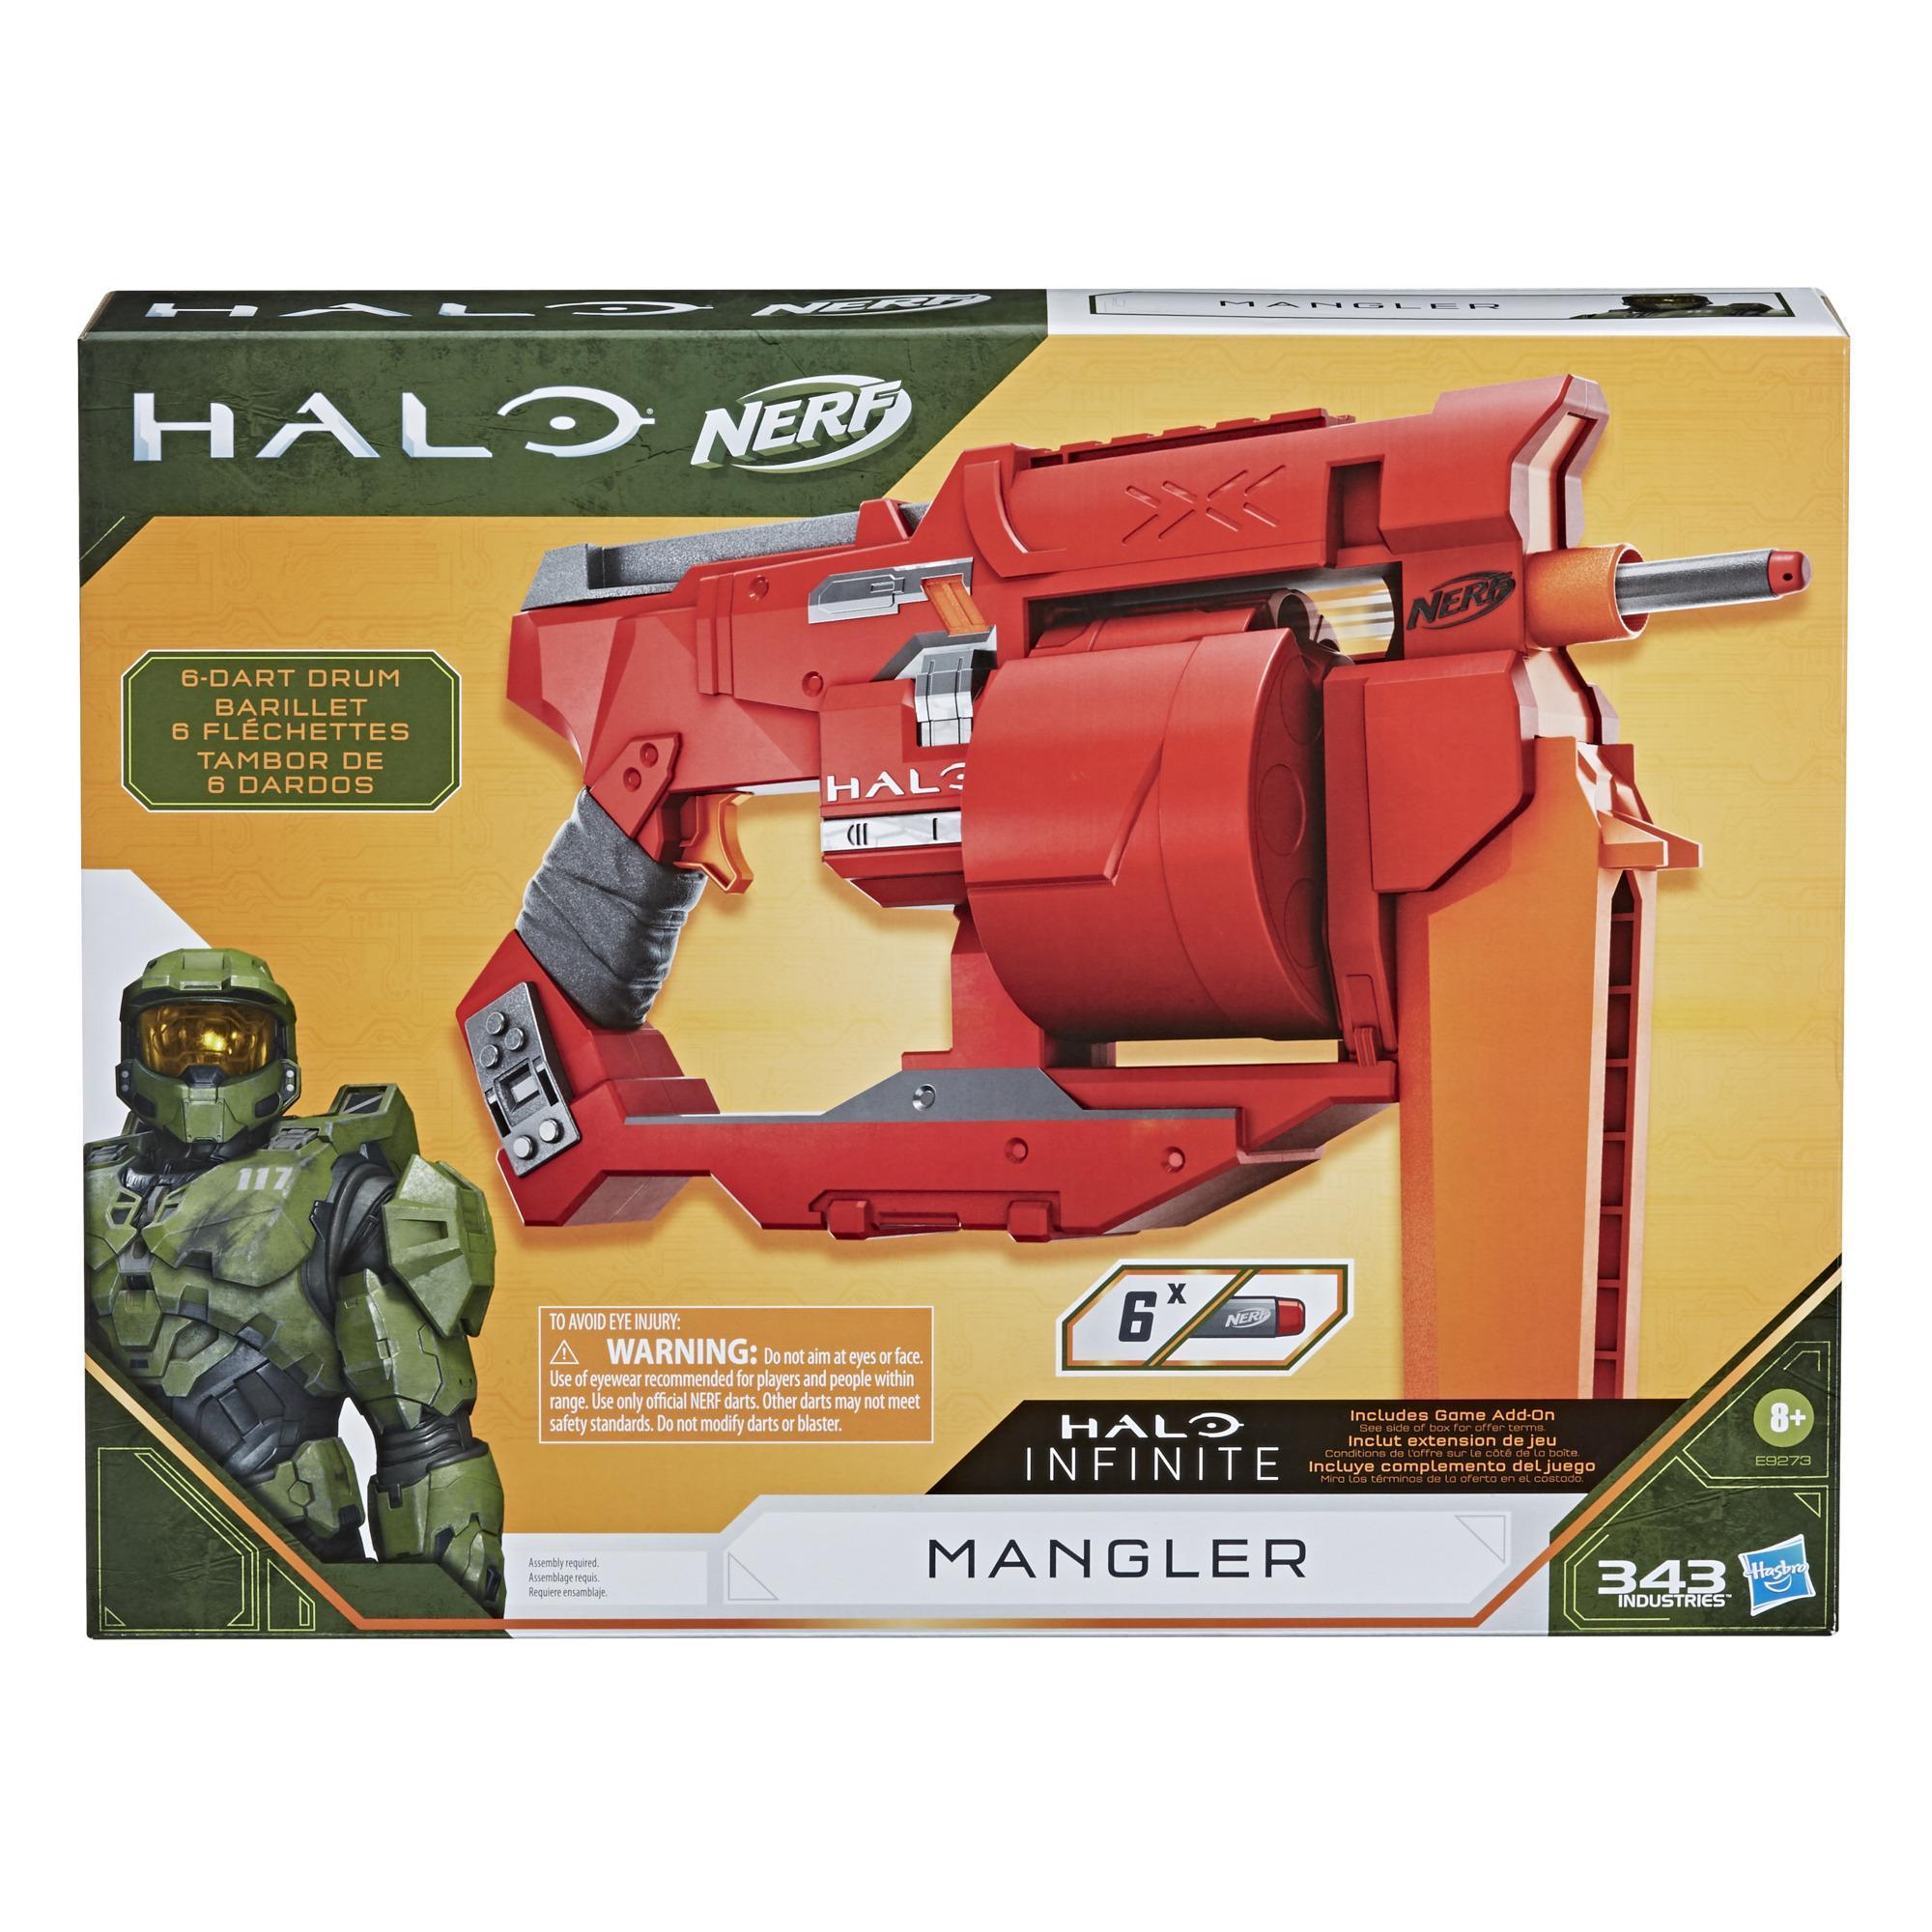 Nerf Halo, blaster à fléchette Mangler, poignée d'amorçage, barillet rotatif 6 fléchettes, inclut 6 fléchettes Nerf Elite officielles